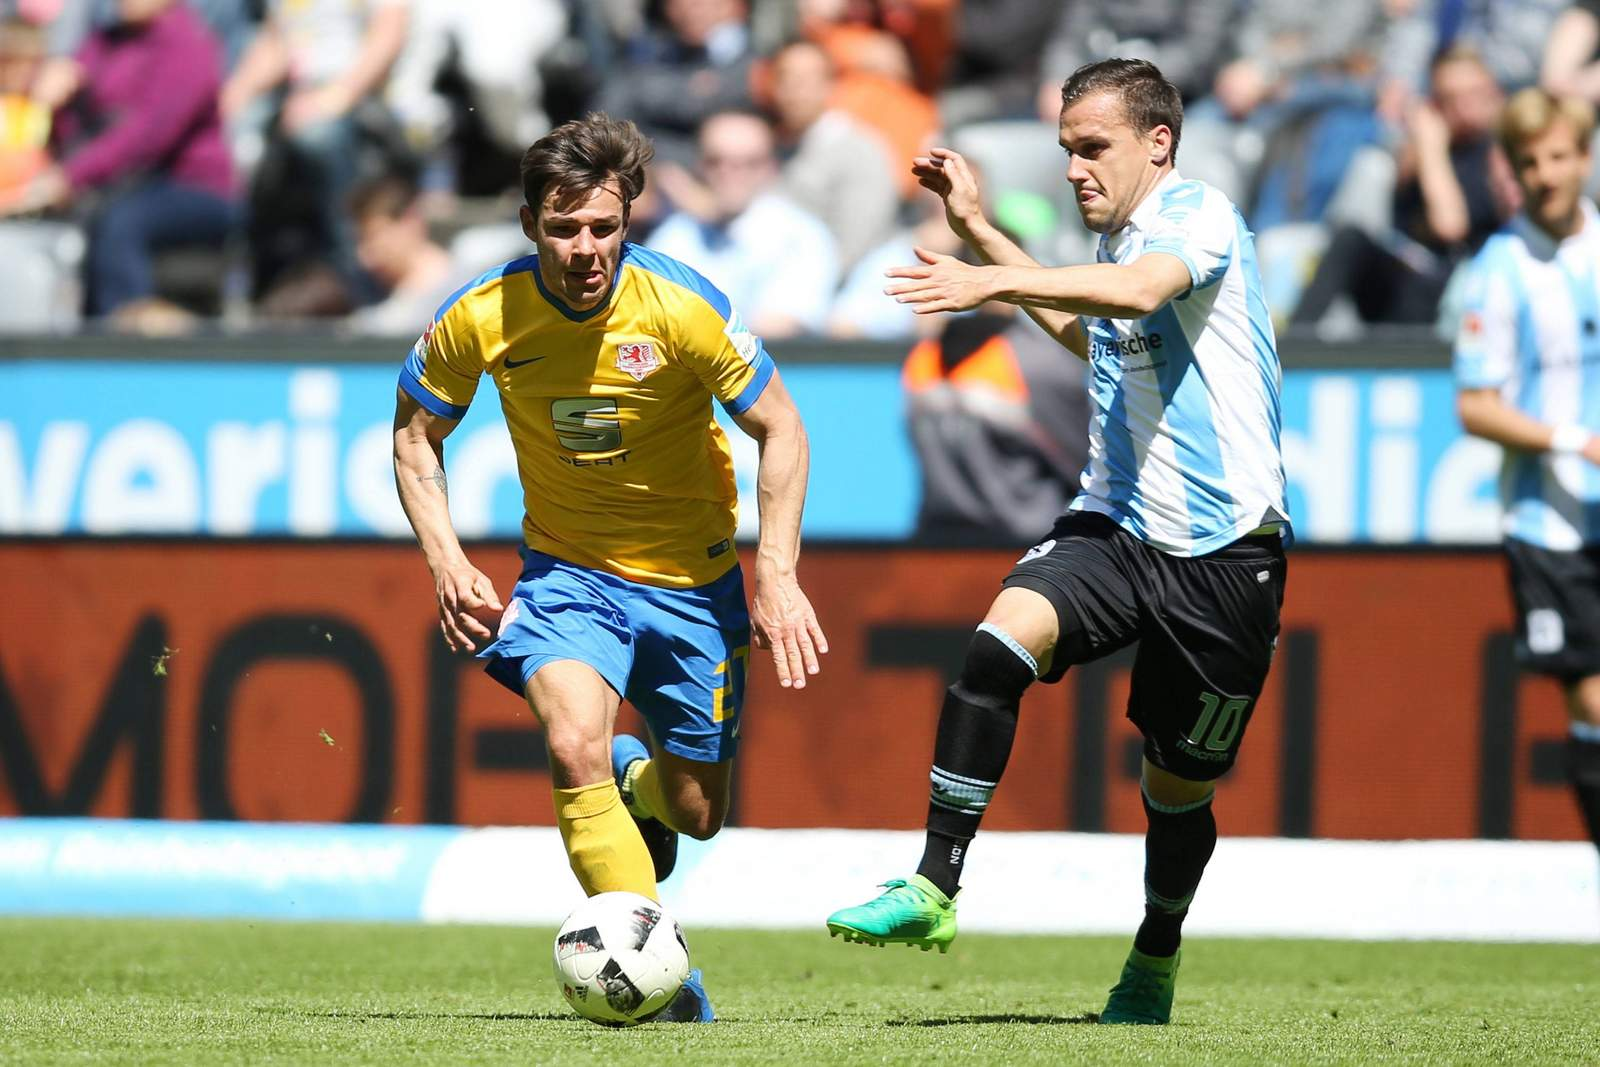 Hat Nico Kijewski mit der Eintracht in München wieder die Nase vorn? Jetzt auf 1860 gegen Braunschweig wetten.